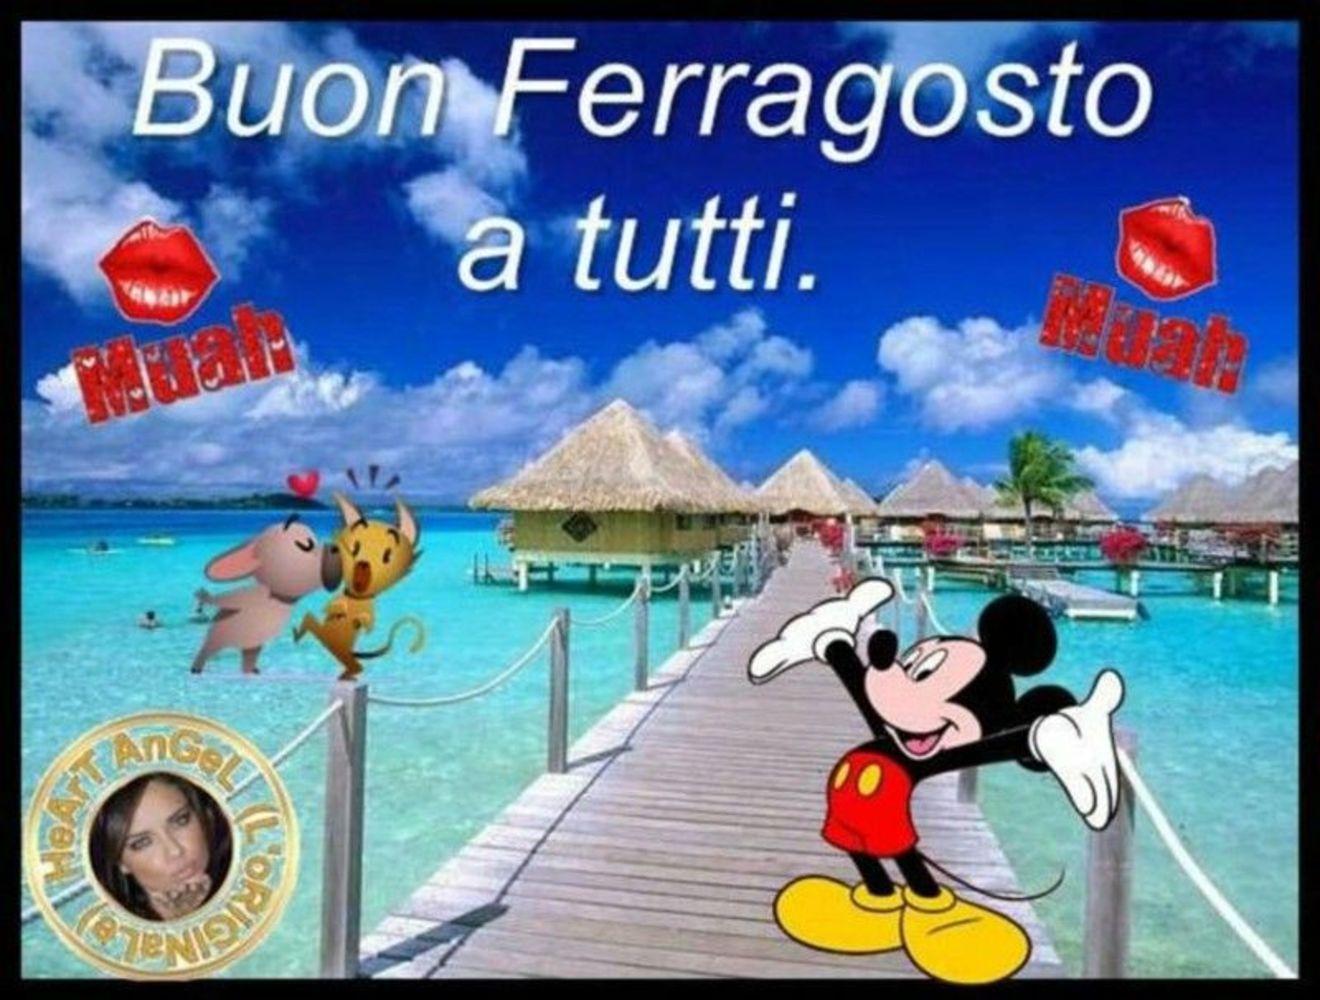 Immgini-Buon-Ferragosto-Nuove-Belle-per-Whatsapp-68